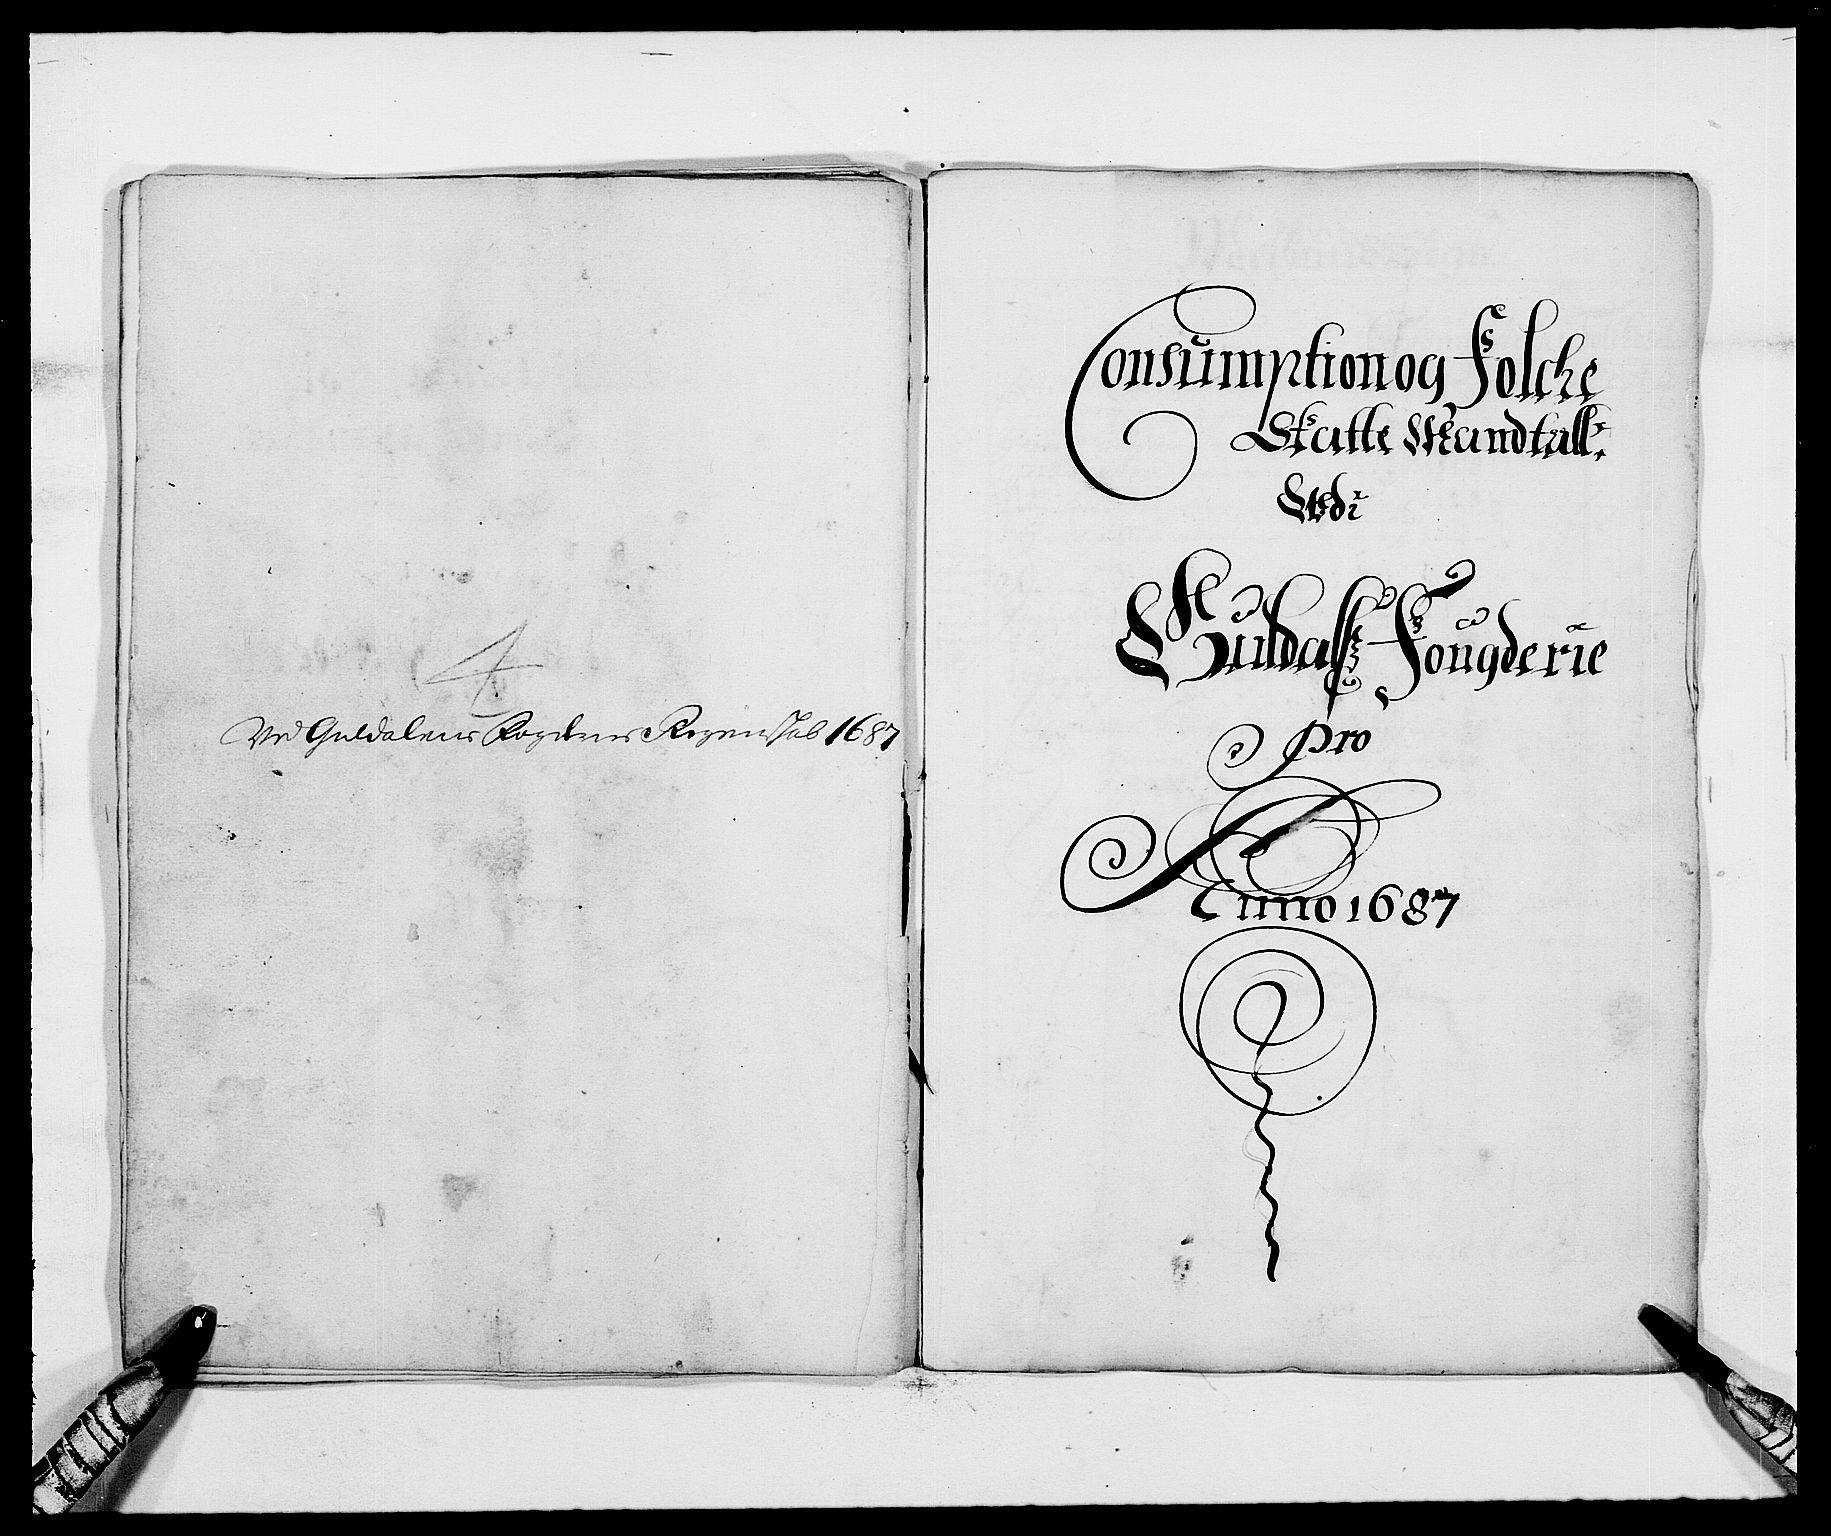 RA, Rentekammeret inntil 1814, Reviderte regnskaper, Fogderegnskap, R59/L3939: Fogderegnskap Gauldal, 1687-1688, s. 19